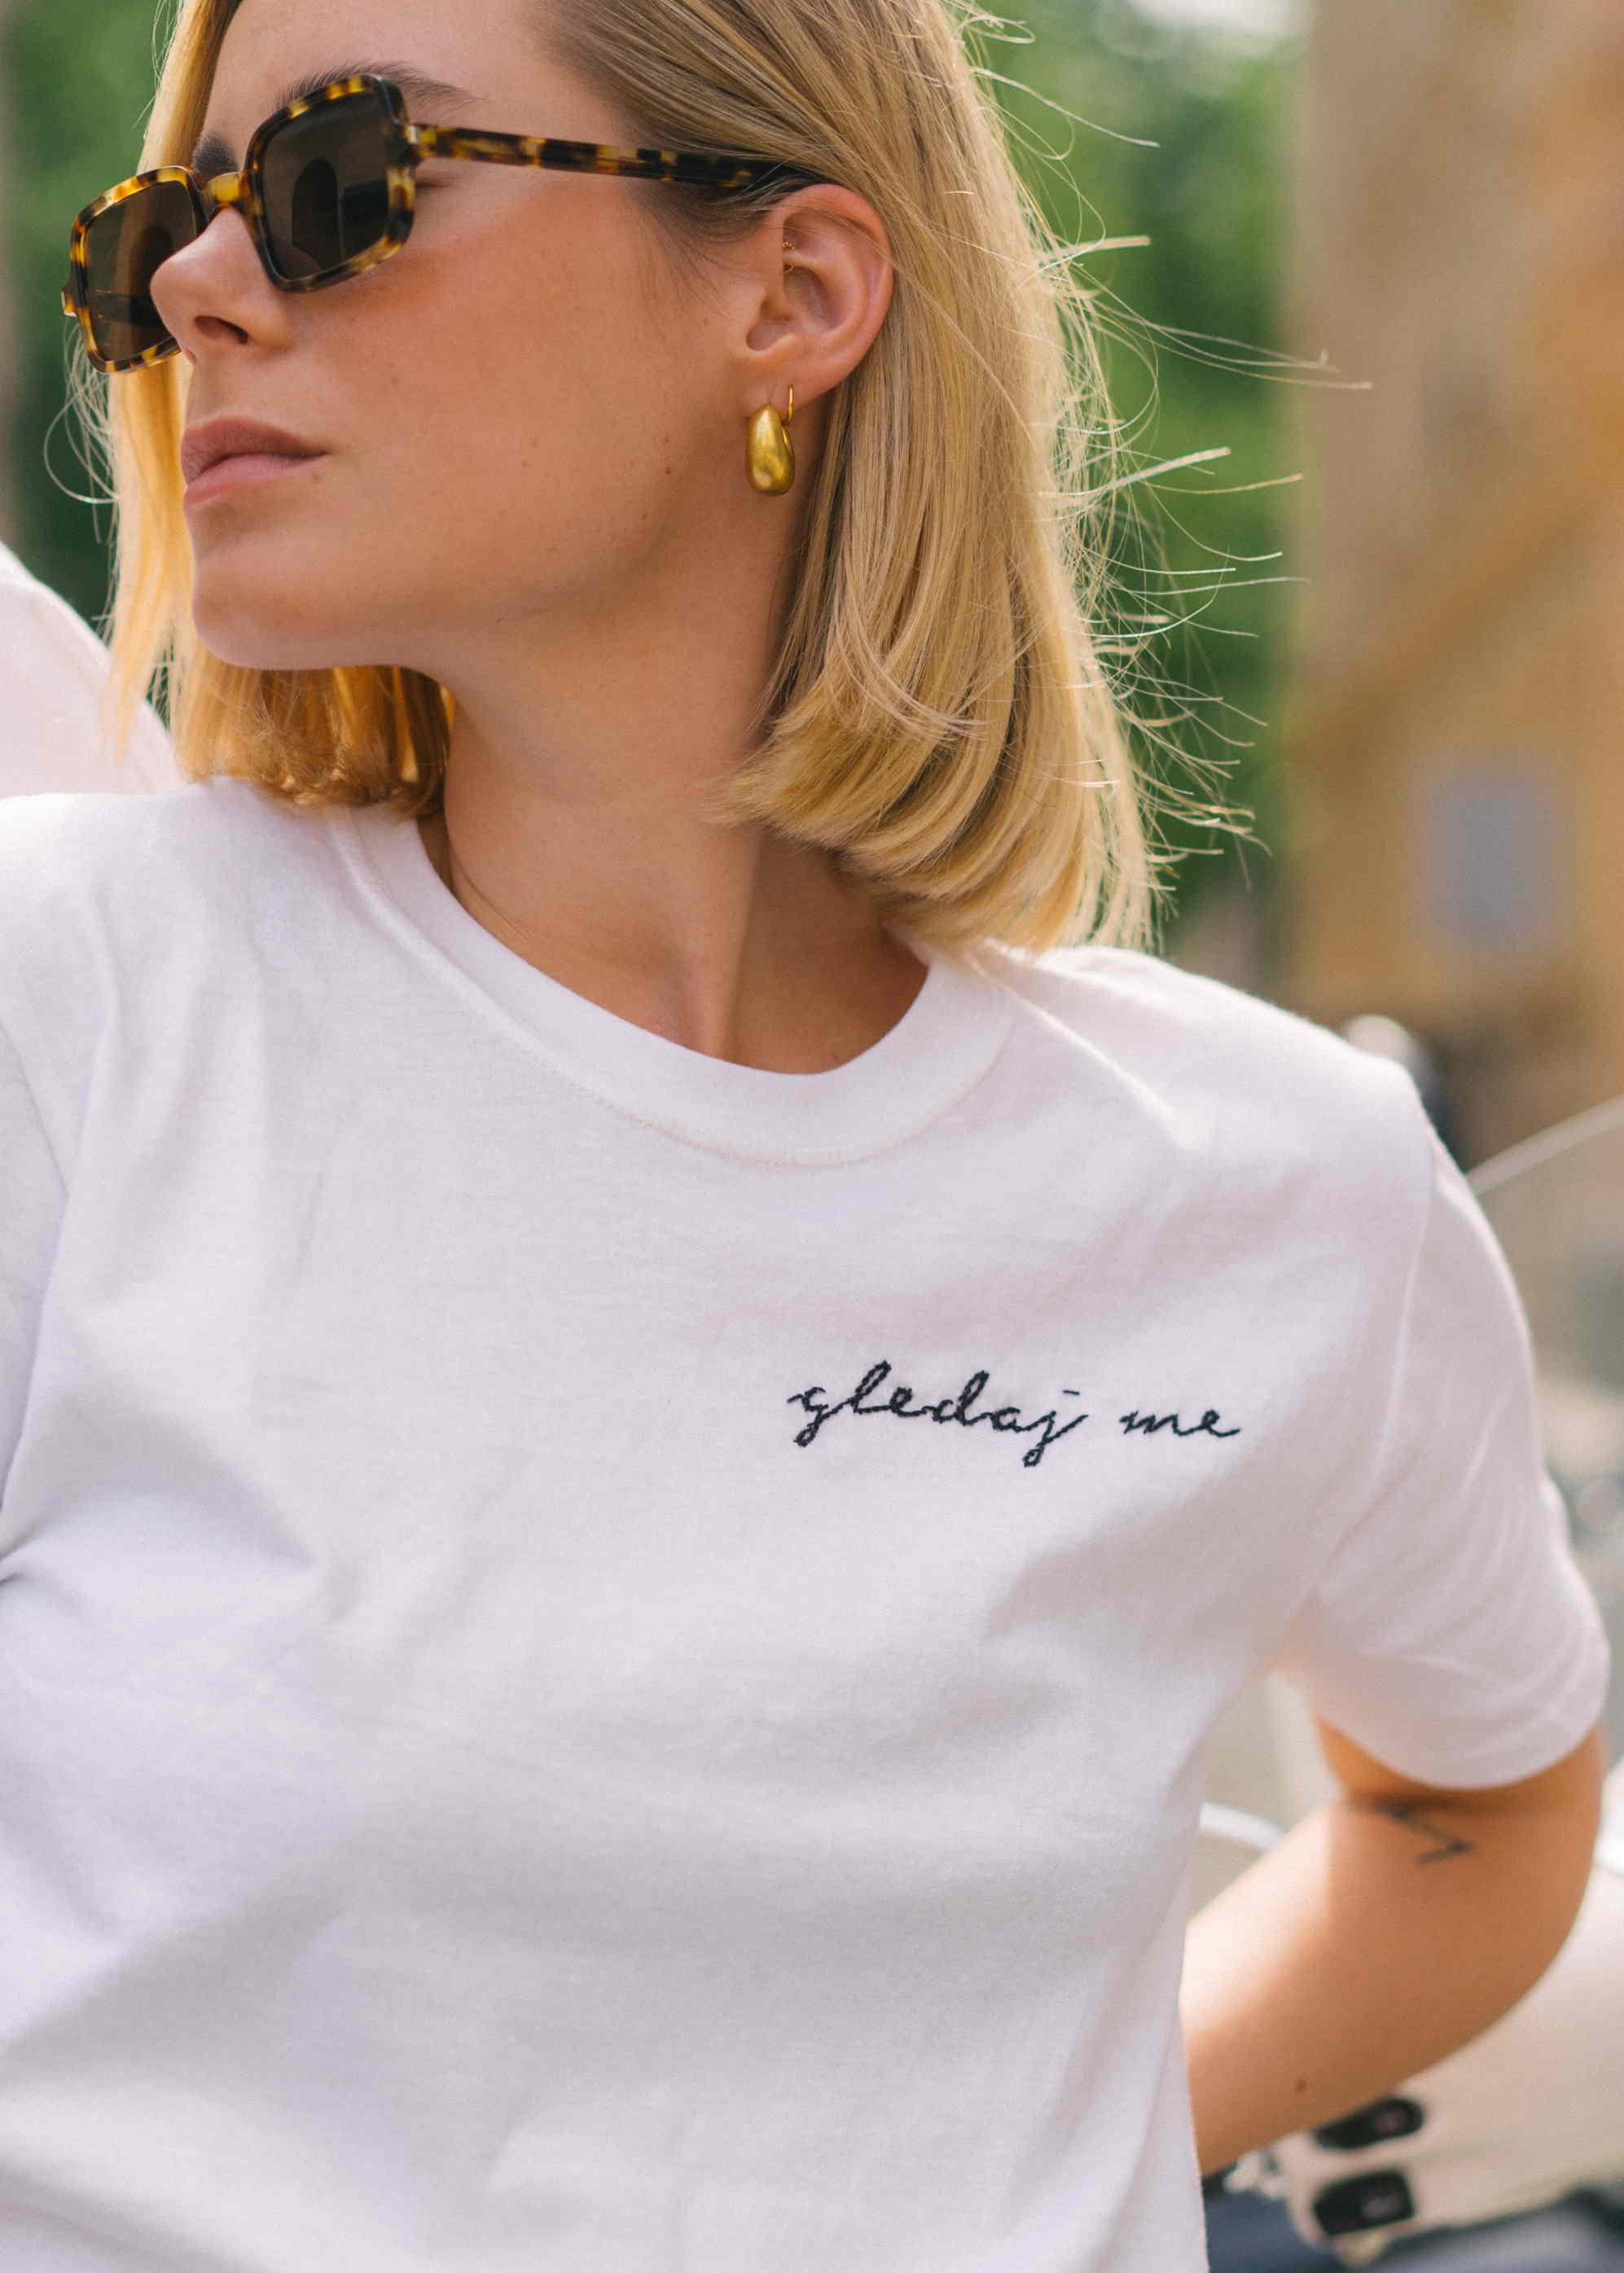 """FCKBL brend predstavlja """"Gledaj me"""" t-shirt inspiriran pjesmom!"""